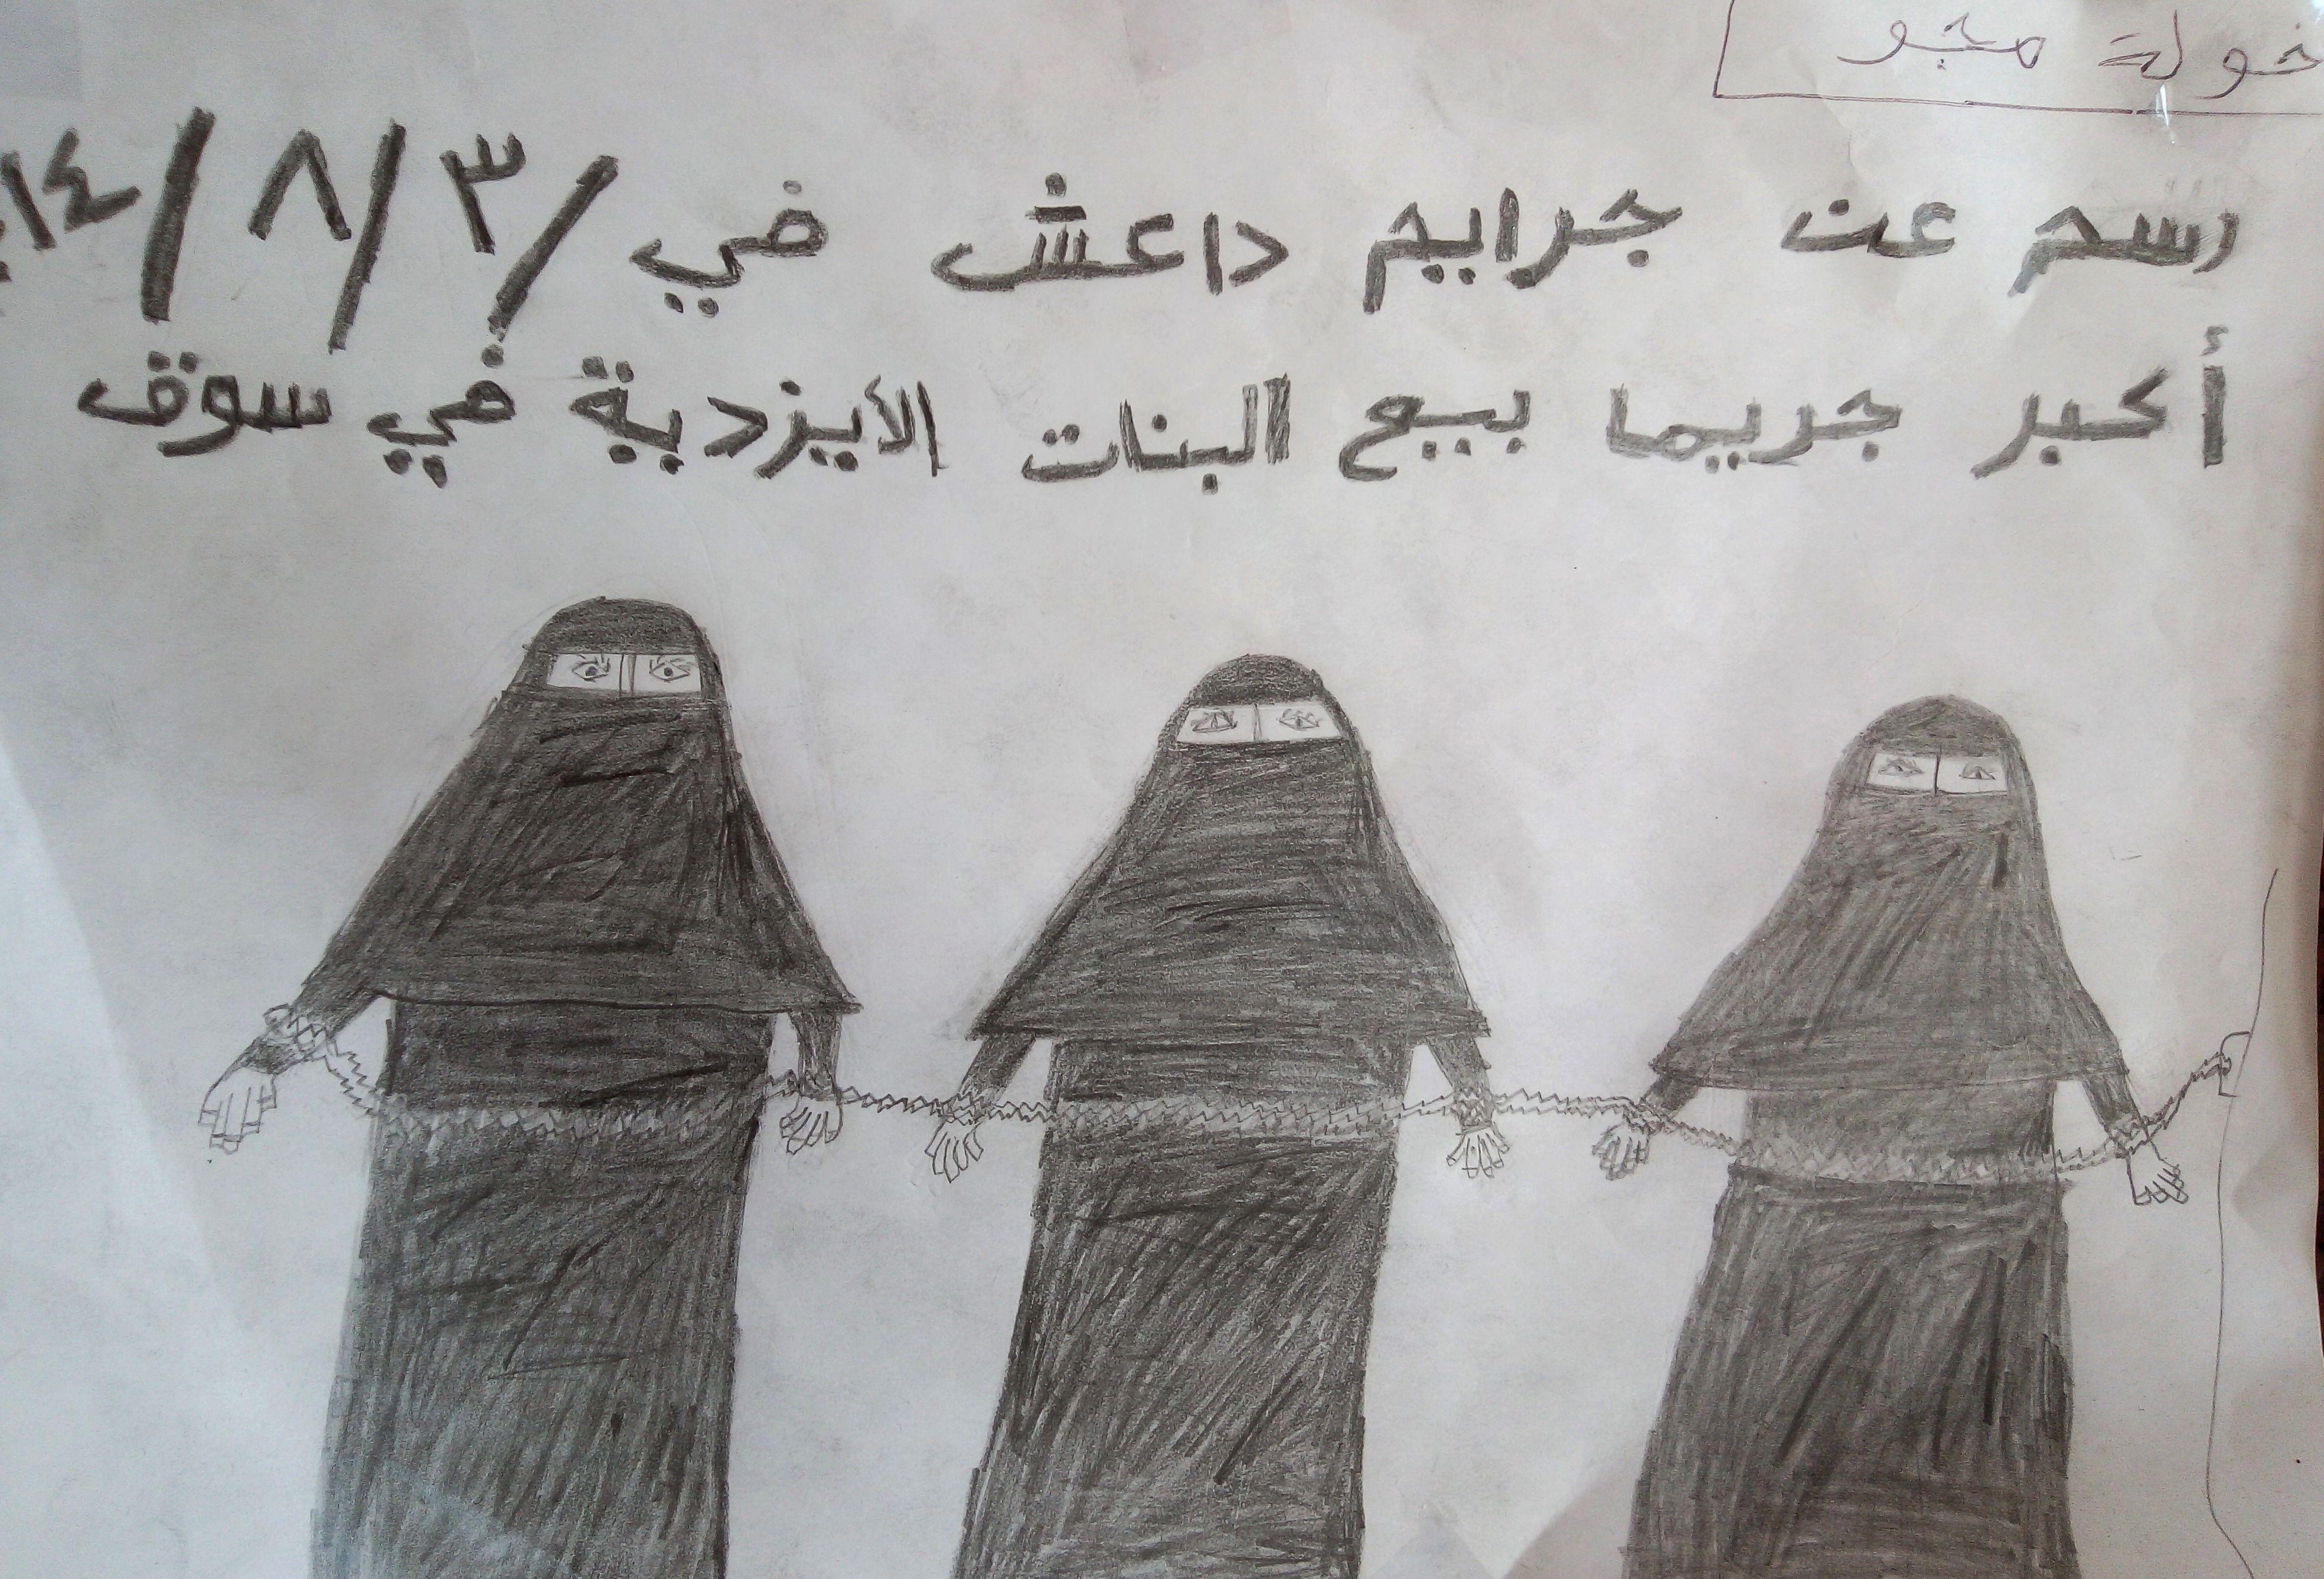 Zwei Bemerkungen zum Kampfbegriff Islamophobie